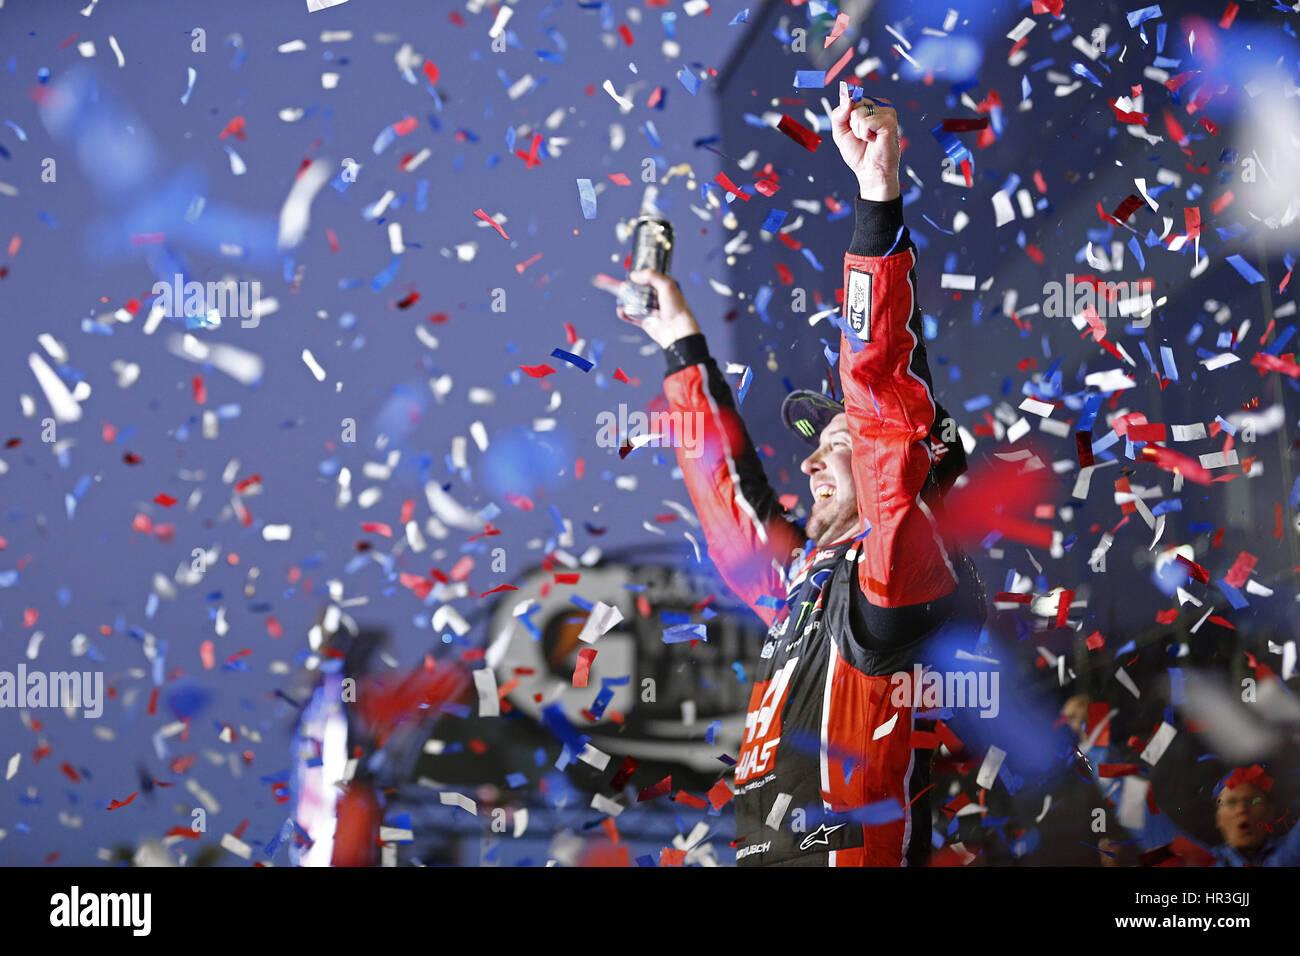 Daytona Beach, Florida, Estados Unidos. 26 Feb, 2017. Febrero 26, 2017 - Daytona Beach, Florida, EE.UU.: Kurt Busch Imagen De Stock